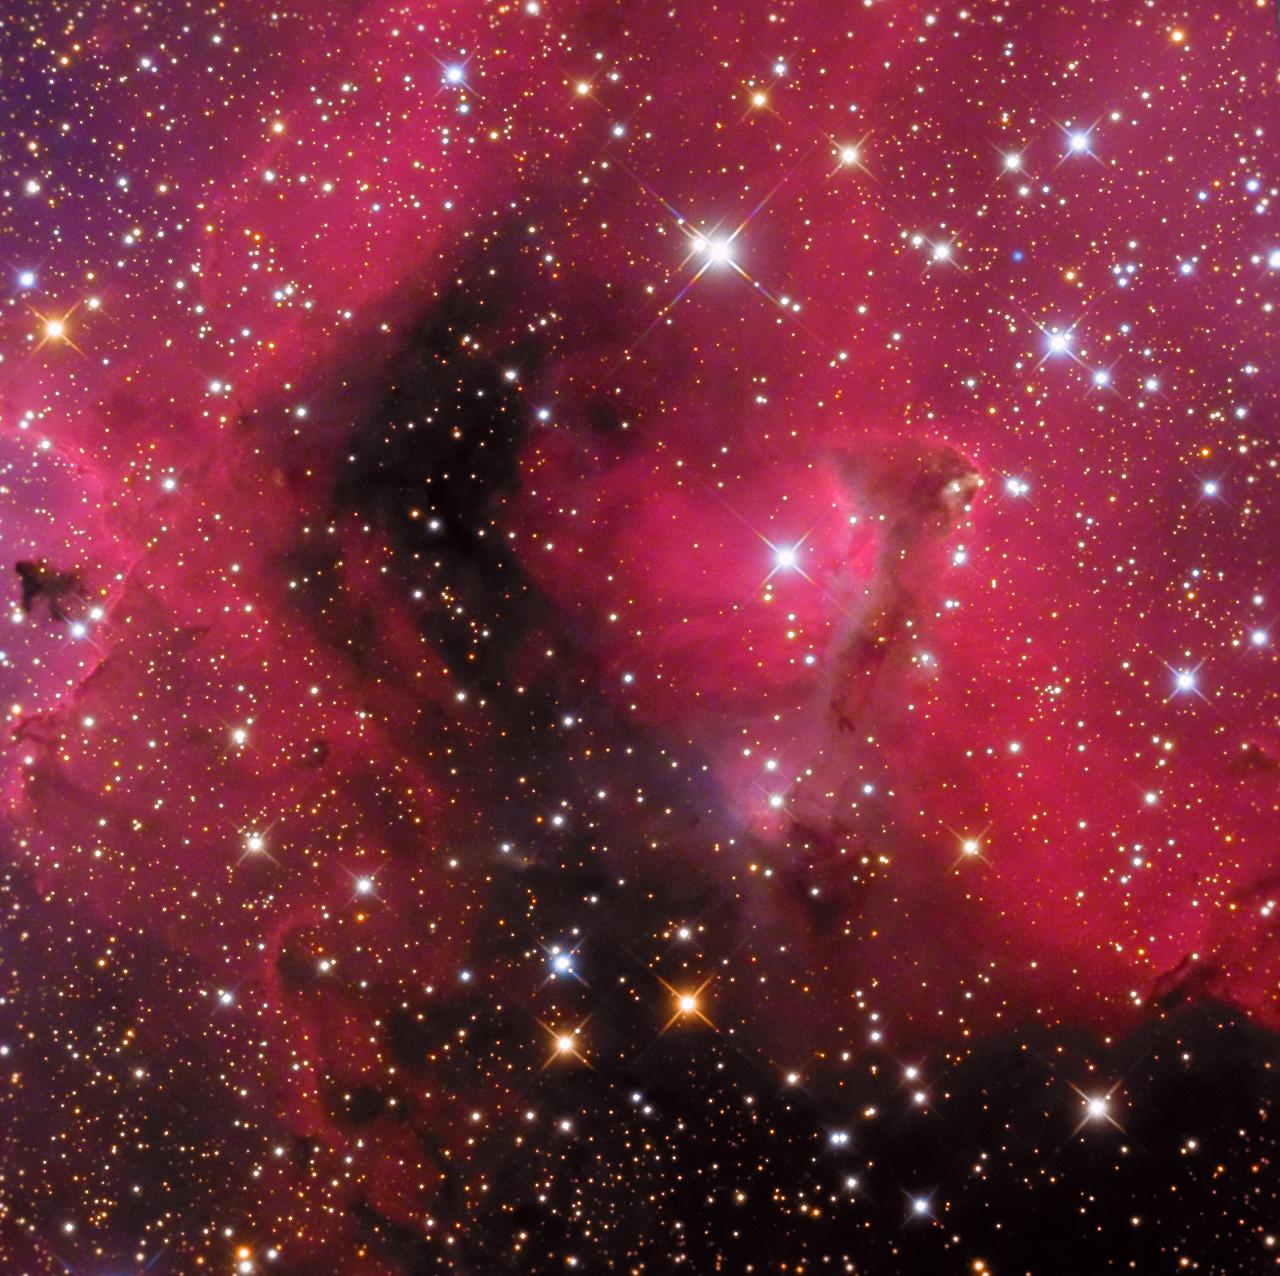 Astrophotography By Leonardo Orazi Photo Gallery Nebulae Ic1871 Emission Nebula